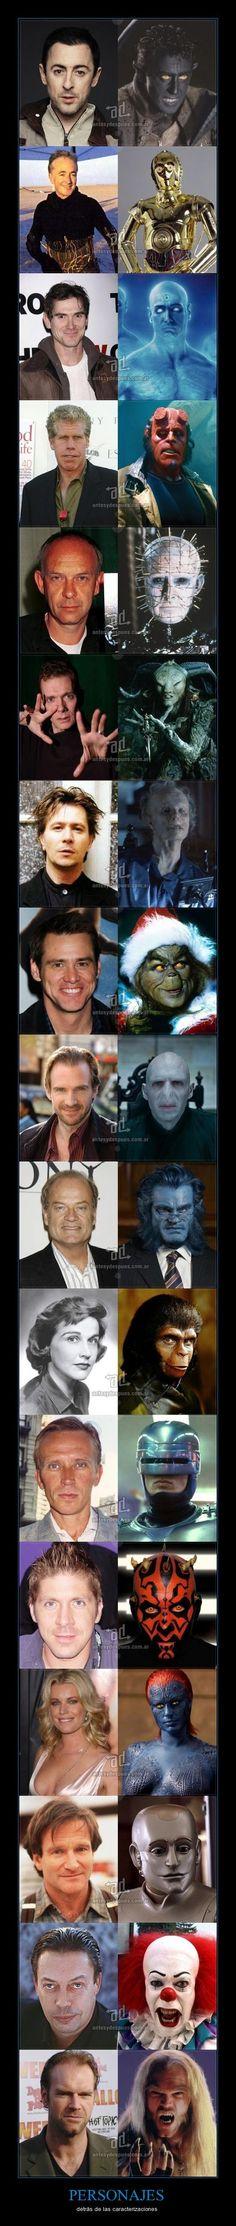 Celebrities in character